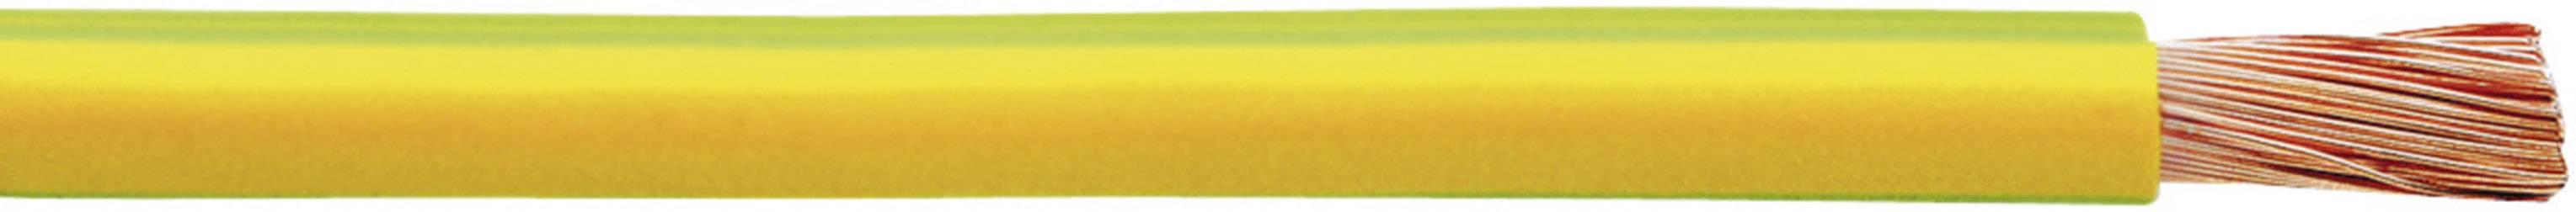 Pletenica H07V-K 1 x 6 mm, rjava Faber Kabel 040071 cena za meter